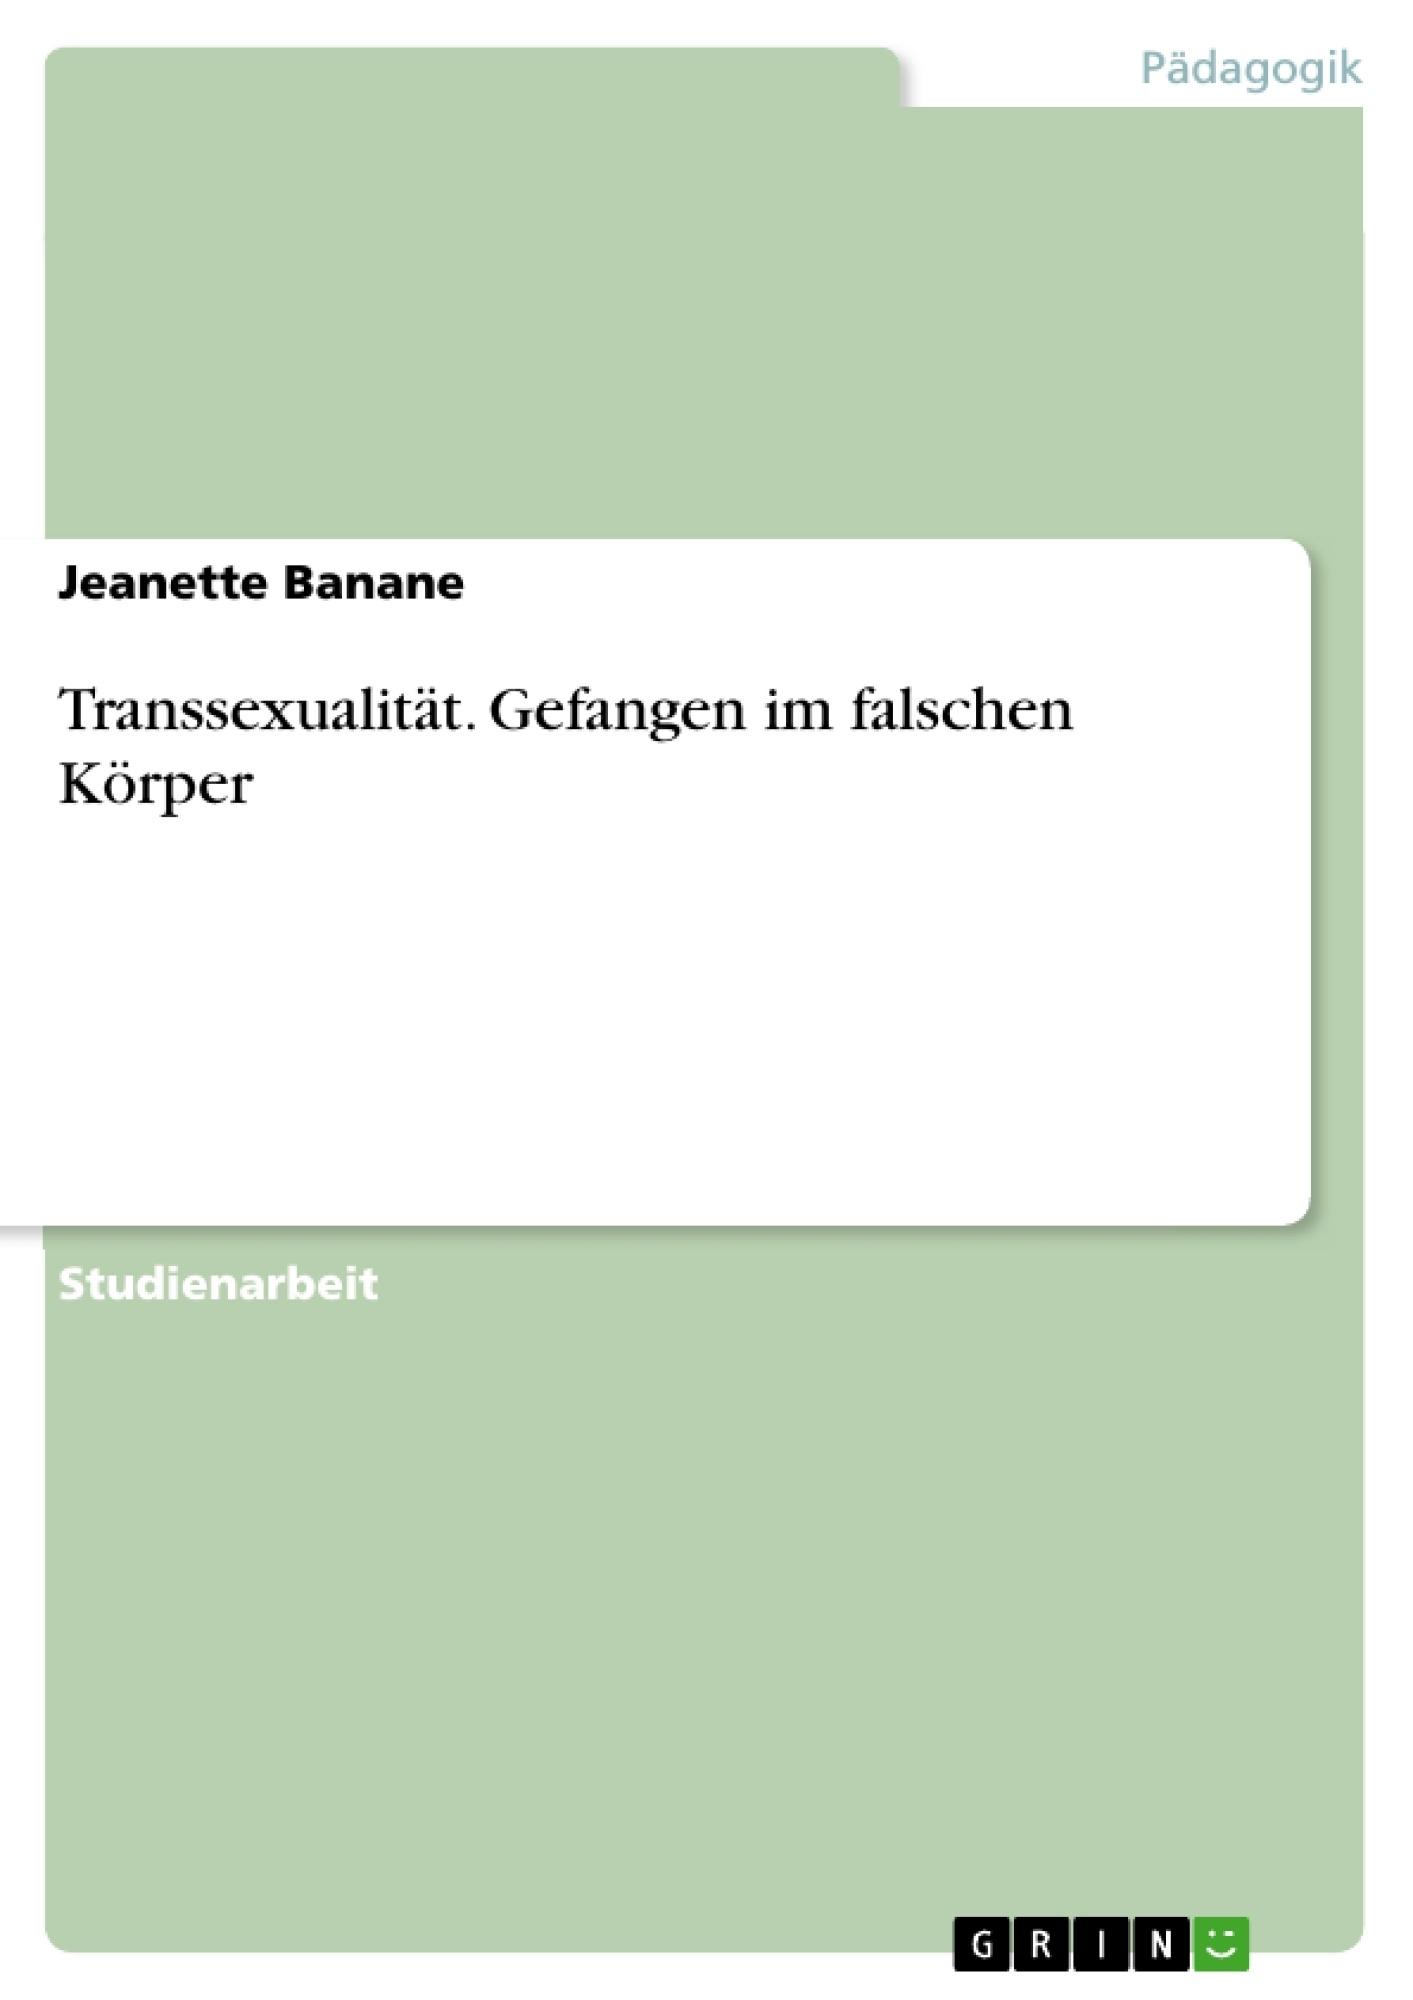 Titel: Transsexualität. Gefangen im falschen Körper